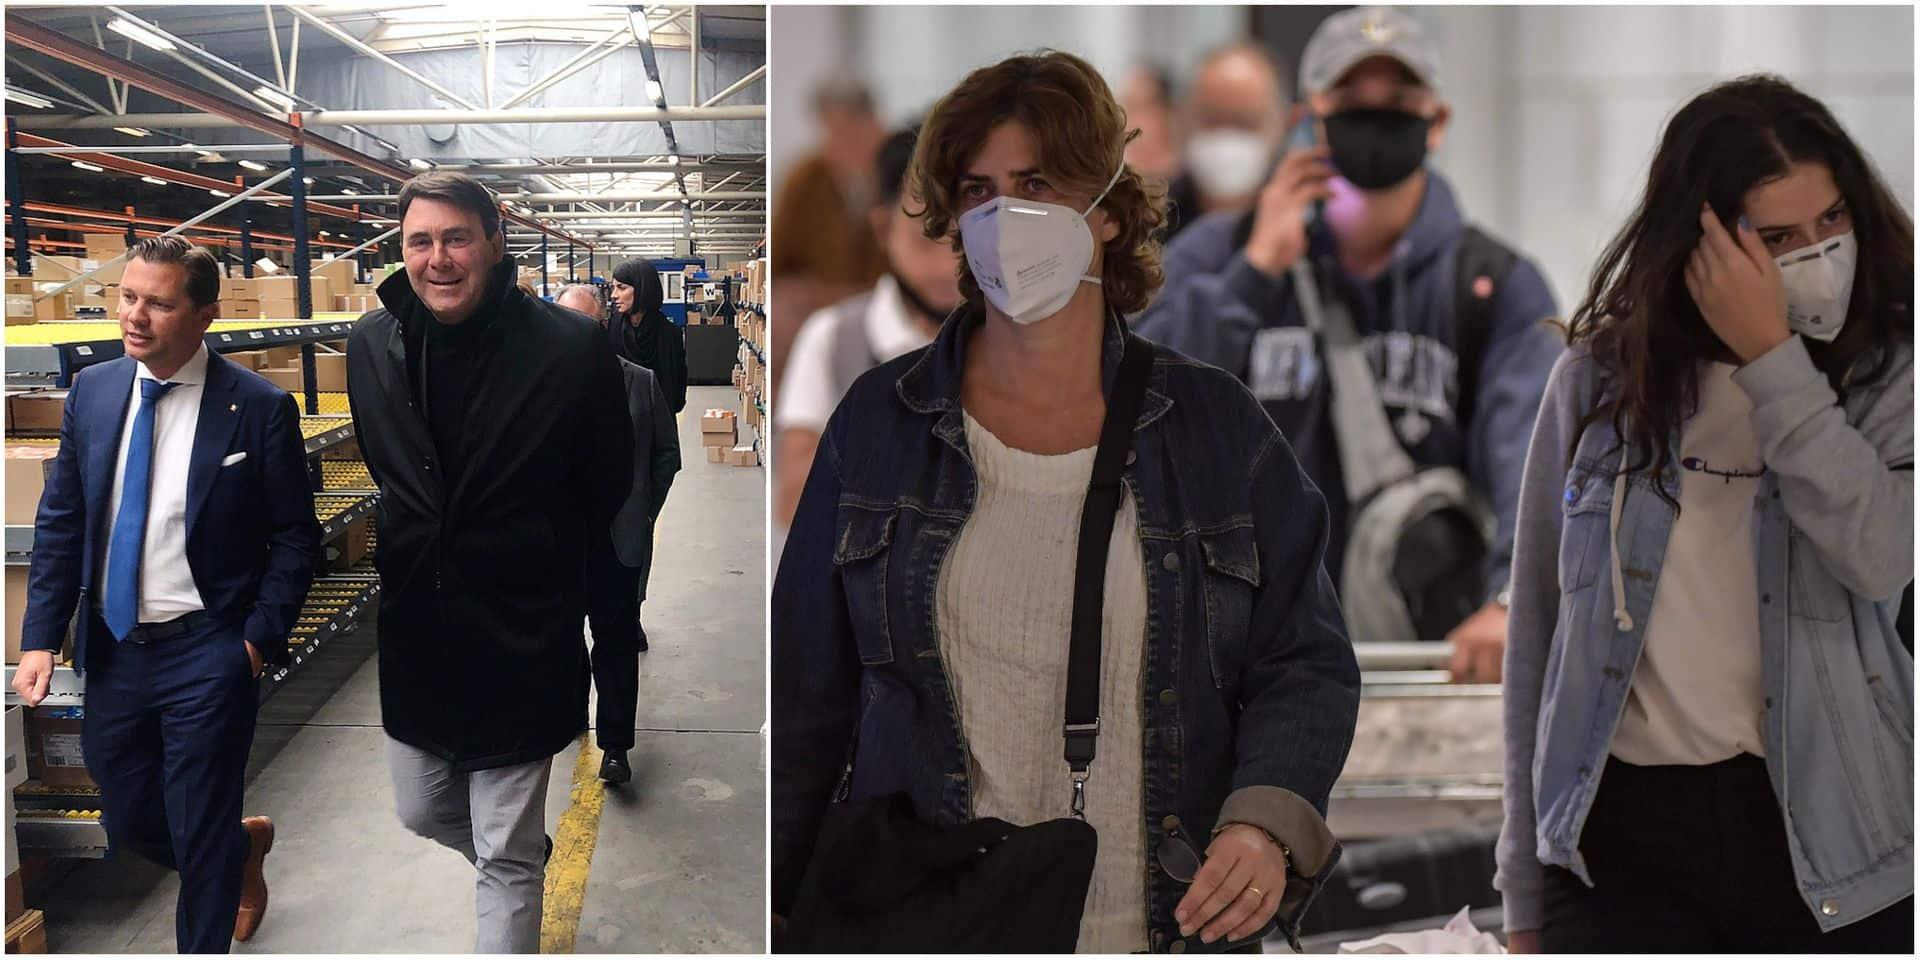 Une solution belge face à la pénurie de masques pour lutter contre le coronavirus: 3 millions d'unités fournies en 3 jours!